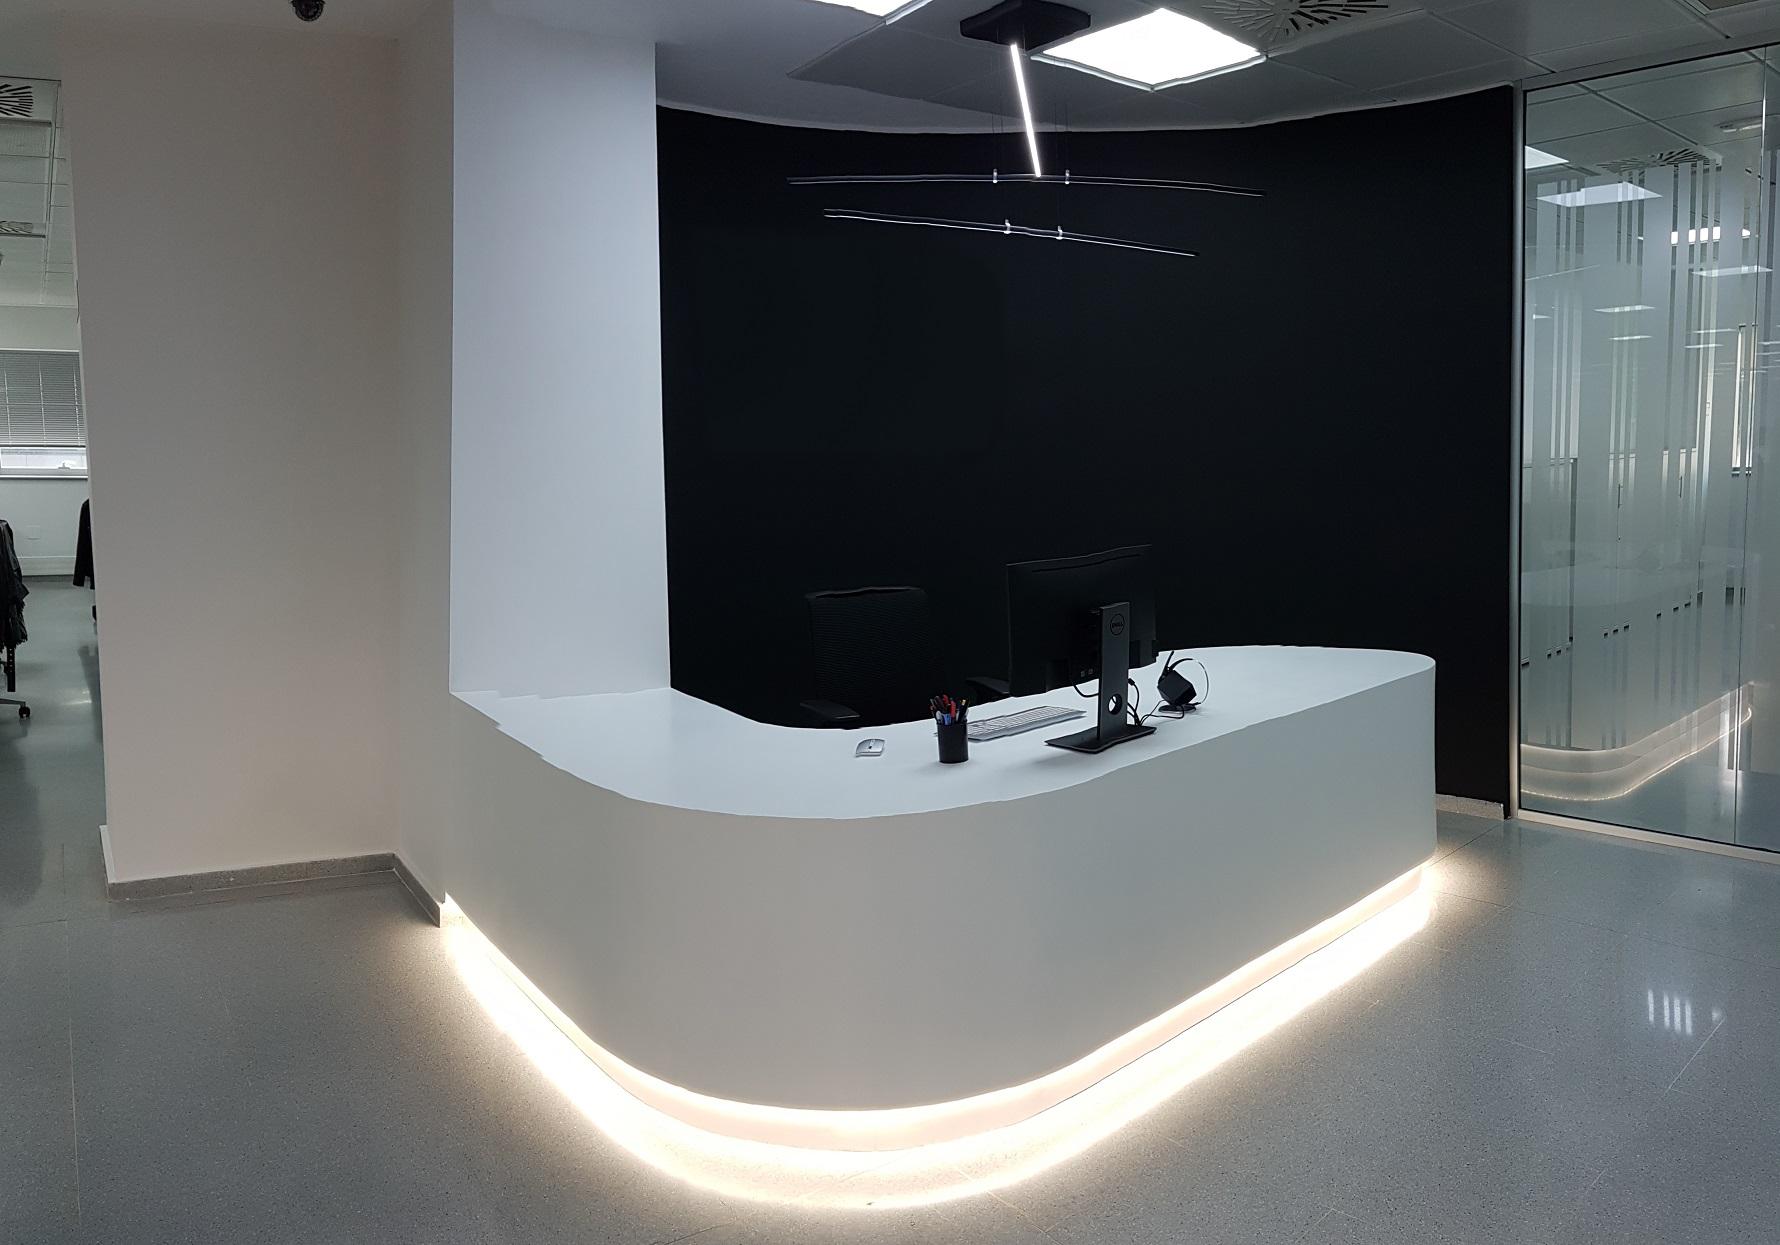 Proyectos de oficina en Sevilla: Diseño y decoración de zonas de recepción